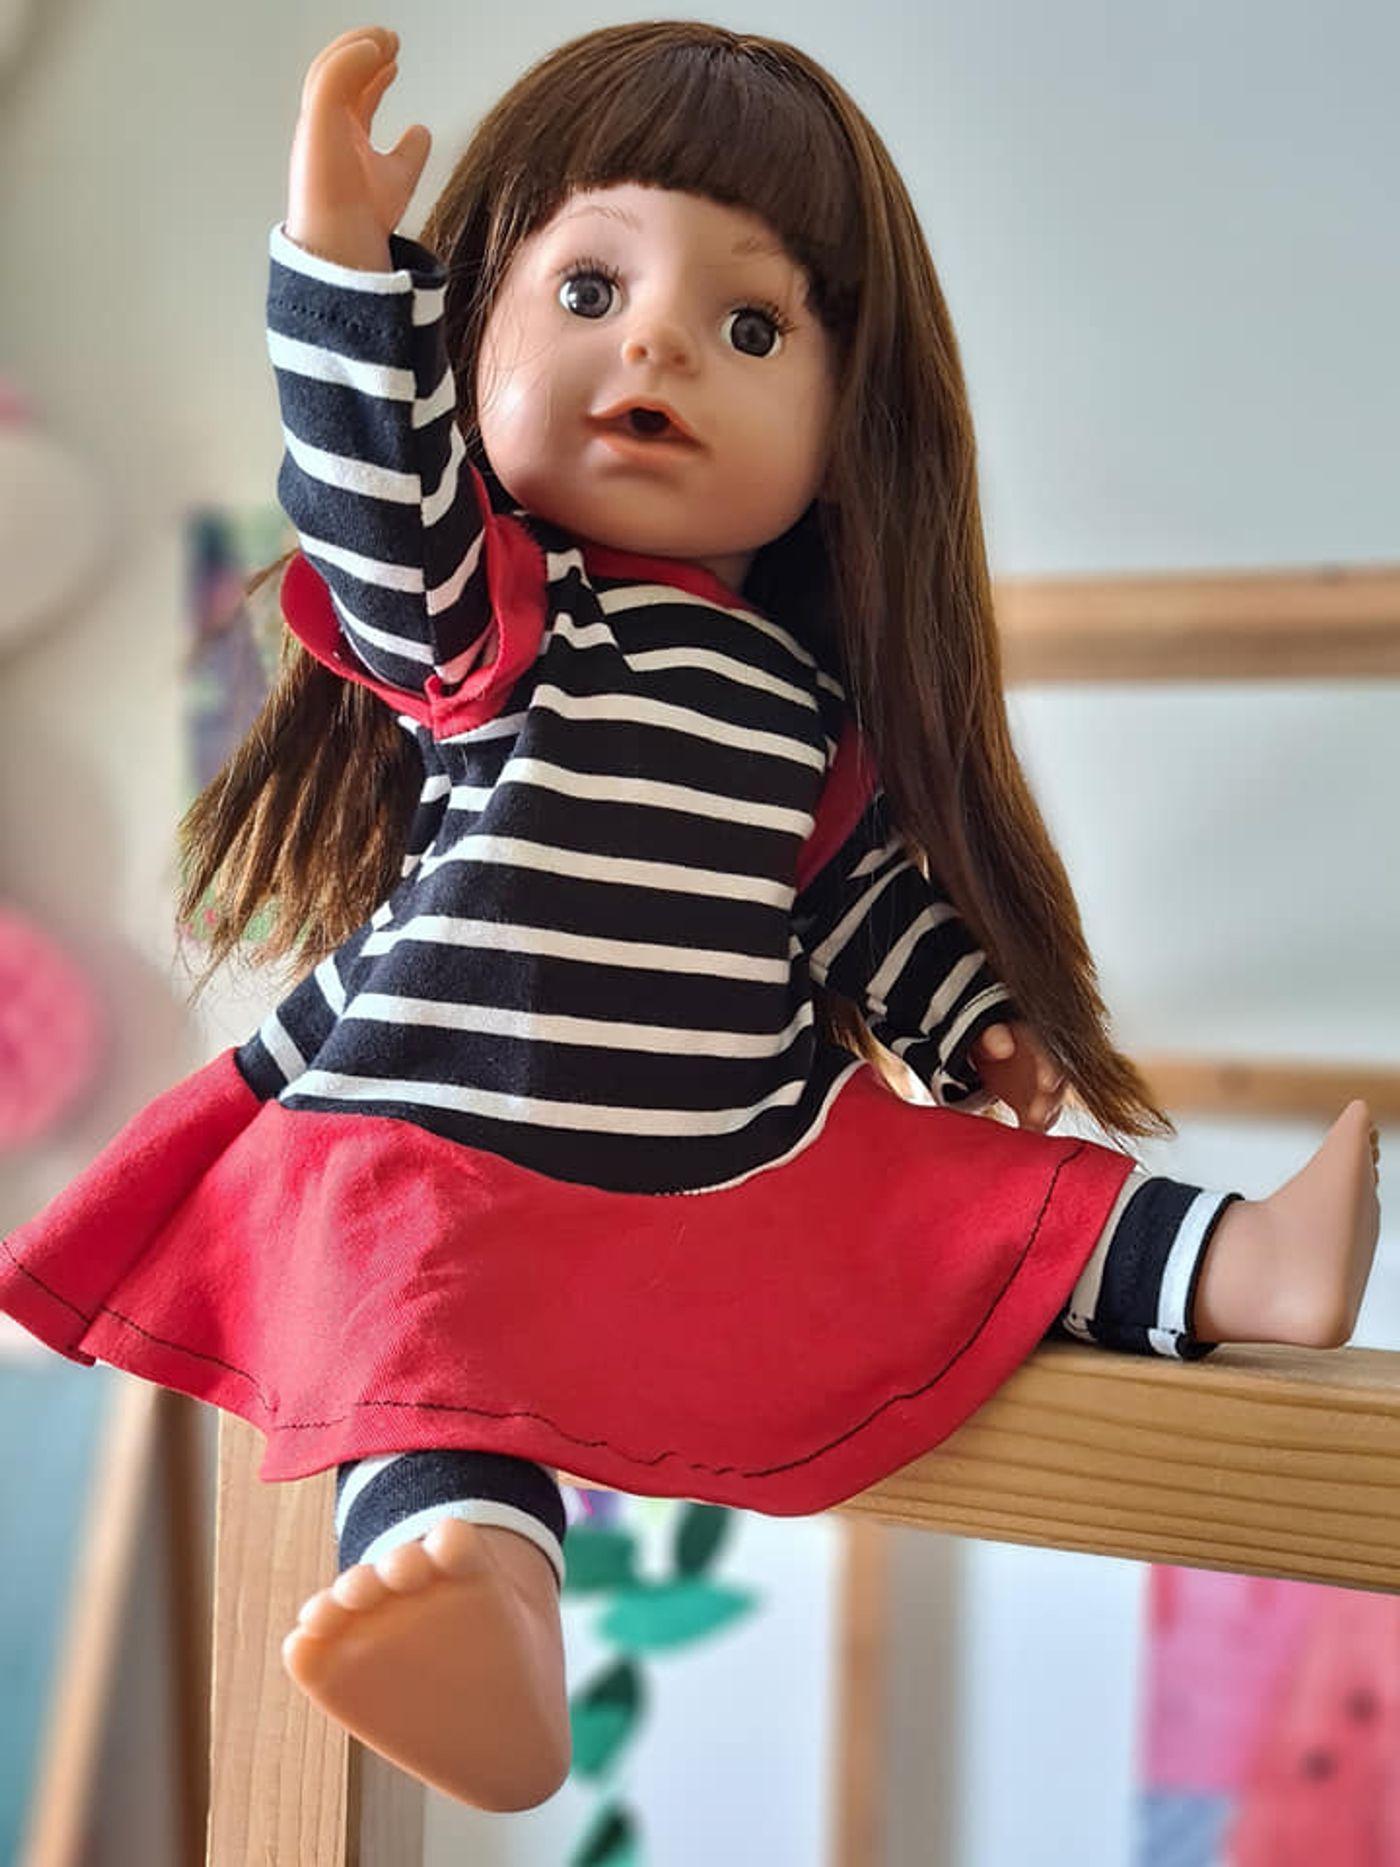 Produktfoto 6 von Happy Pearl für Schnittmuster Little SUNdrina + Happy SUNdrina Tunika/Kleid und 43cm Puppenschnitt